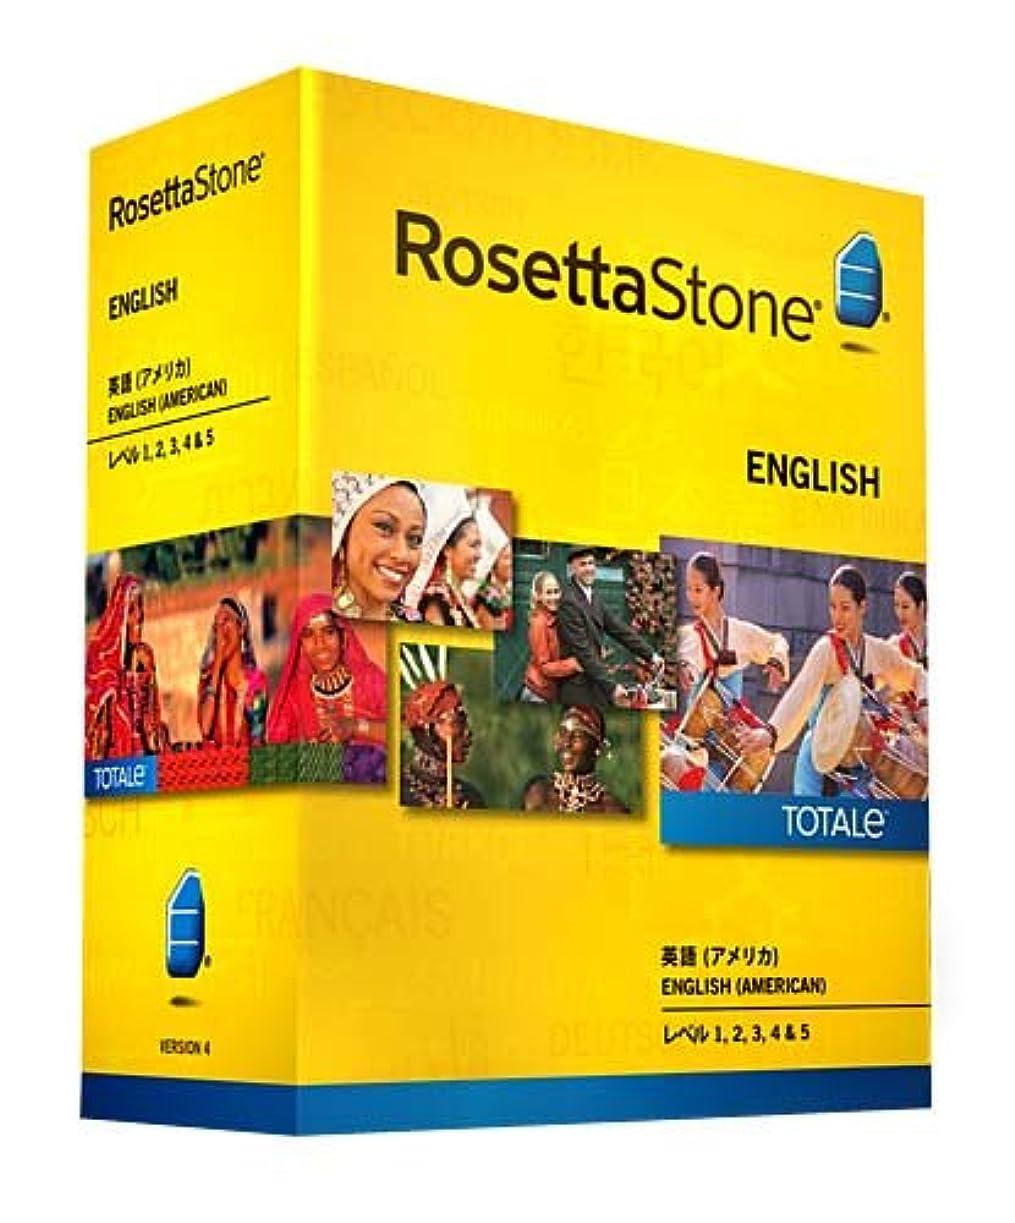 新年凍る娘ロゼッタストーン 英語 (アメリカ) レベル1、2、3、4&5セット v4 TOTALe オンライン15か月版(旧価格版)